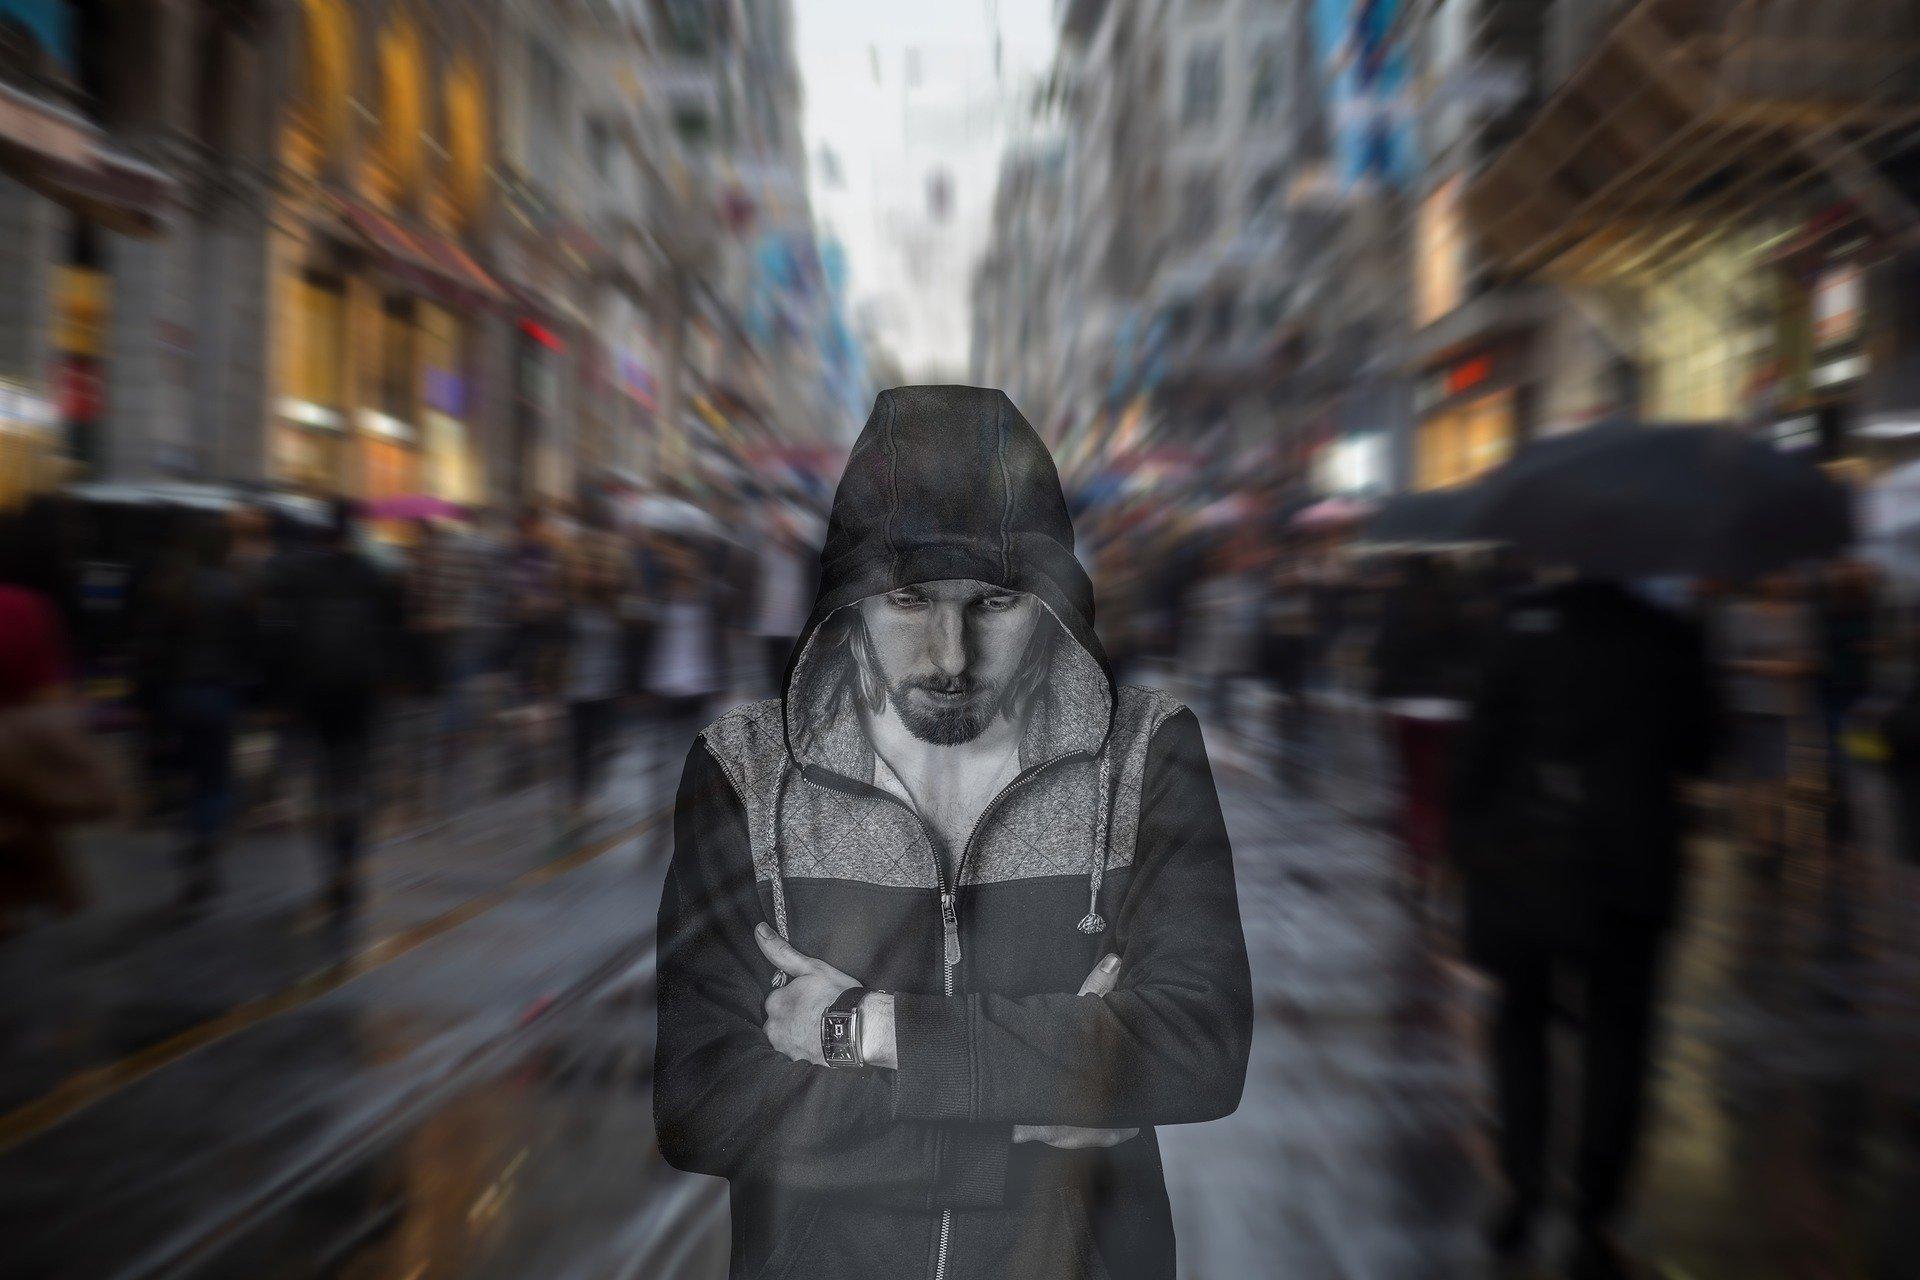 Ausgrenzung und Vorurteil in der Gesellschaft